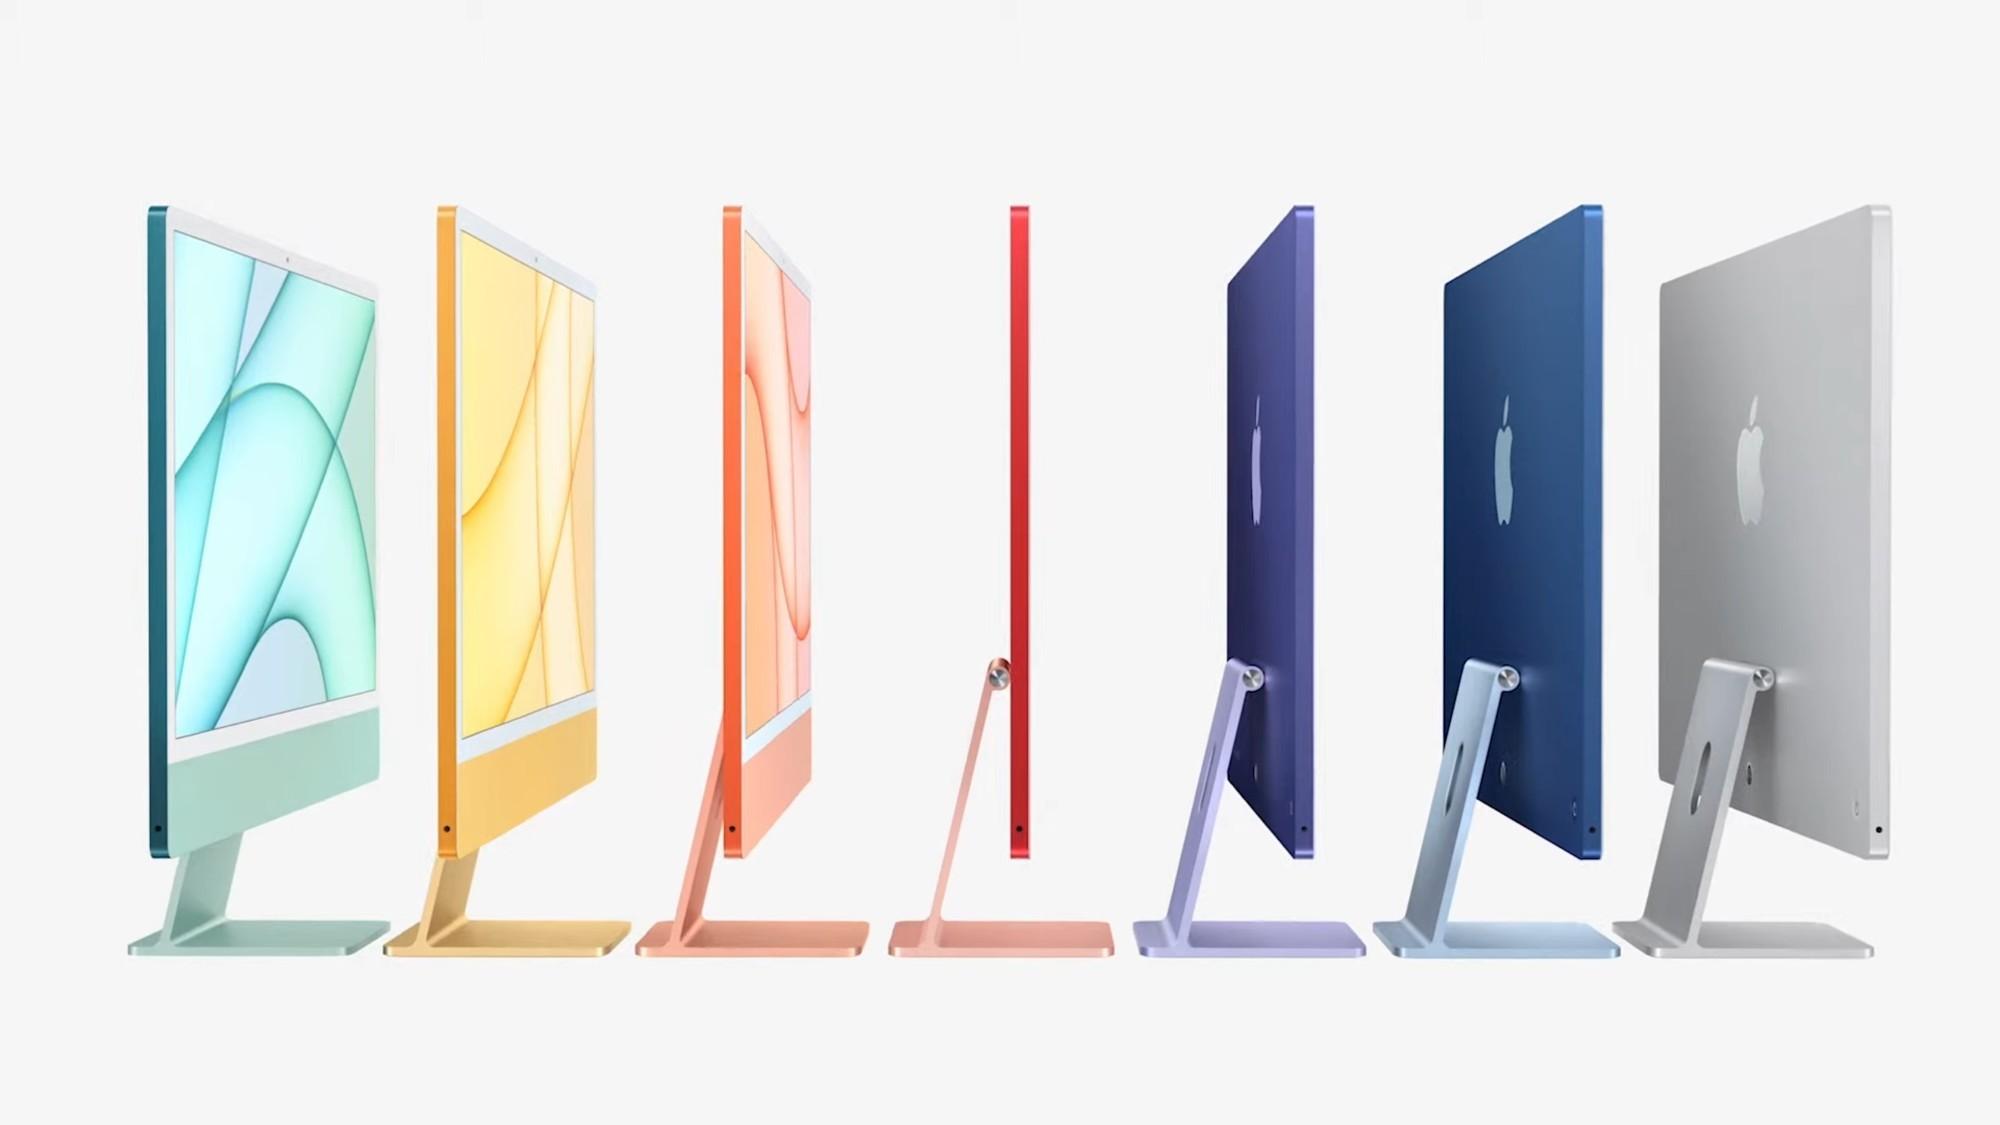 Apple назвала стоимость и даты продаж новых iPad Pro, iMac и AirTag для российского рынка